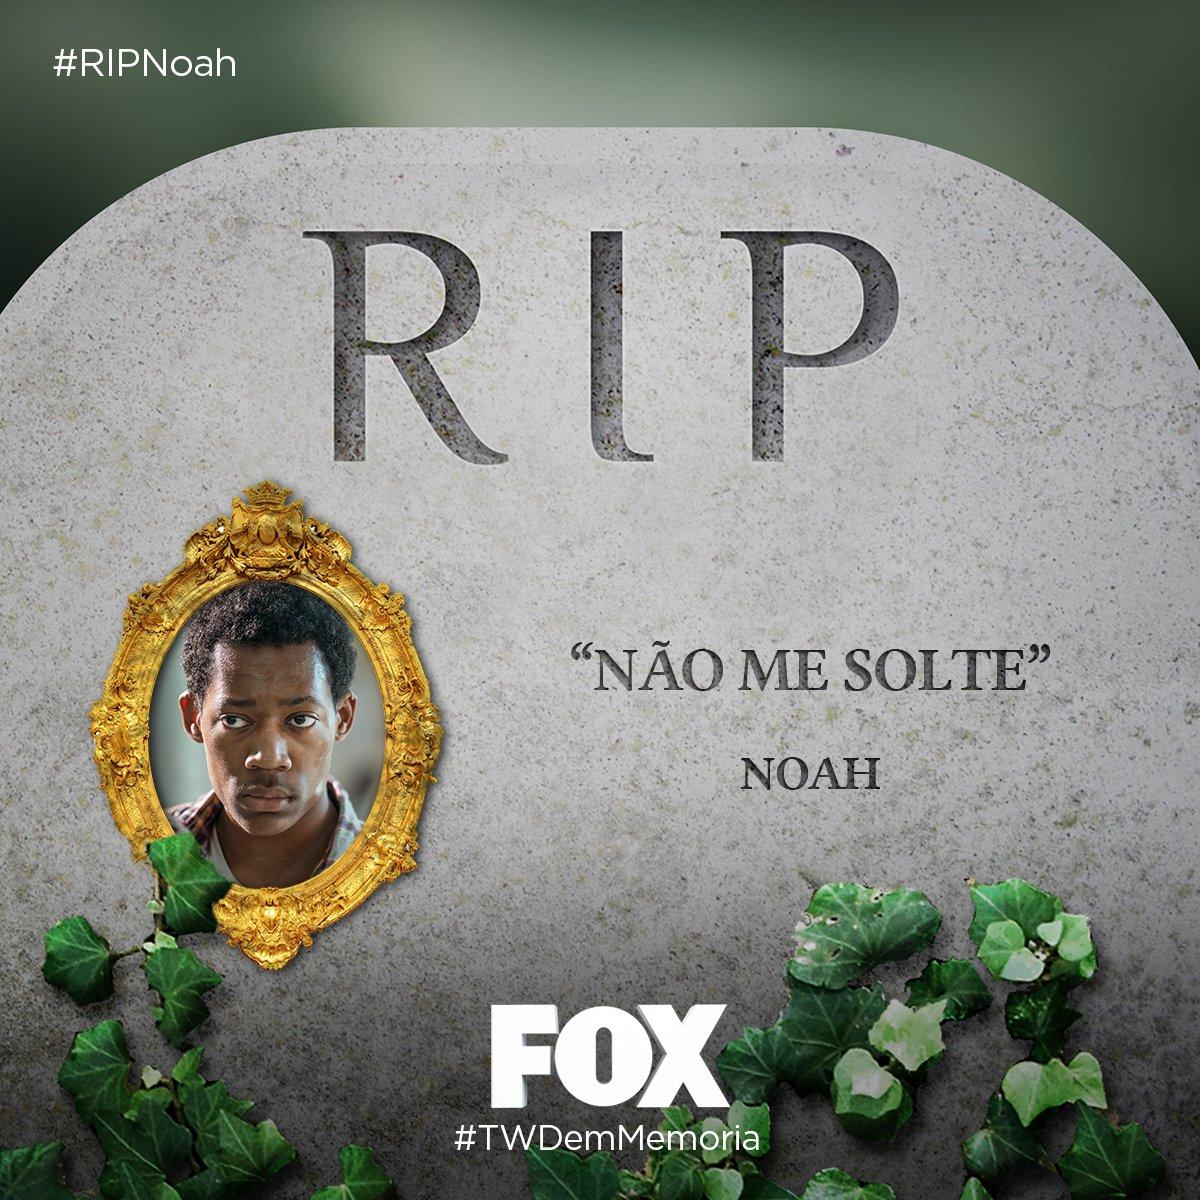 #RIPNoah: RIP Noah